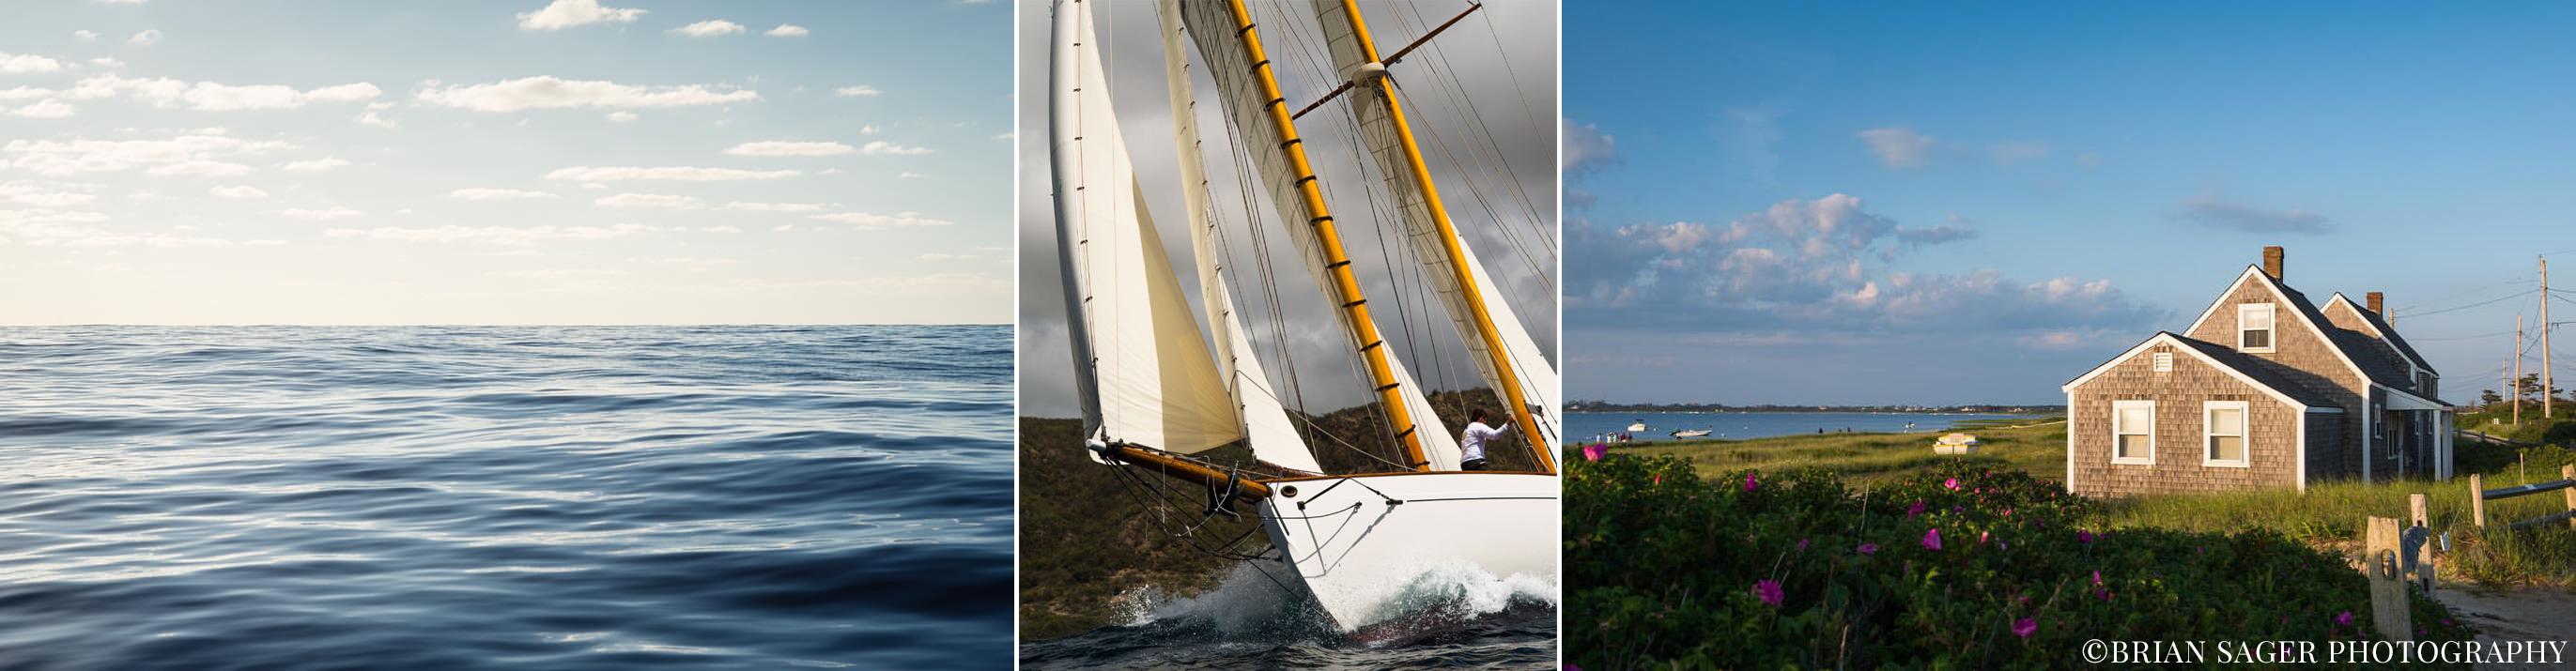 Photographers Alliance of Nantucket